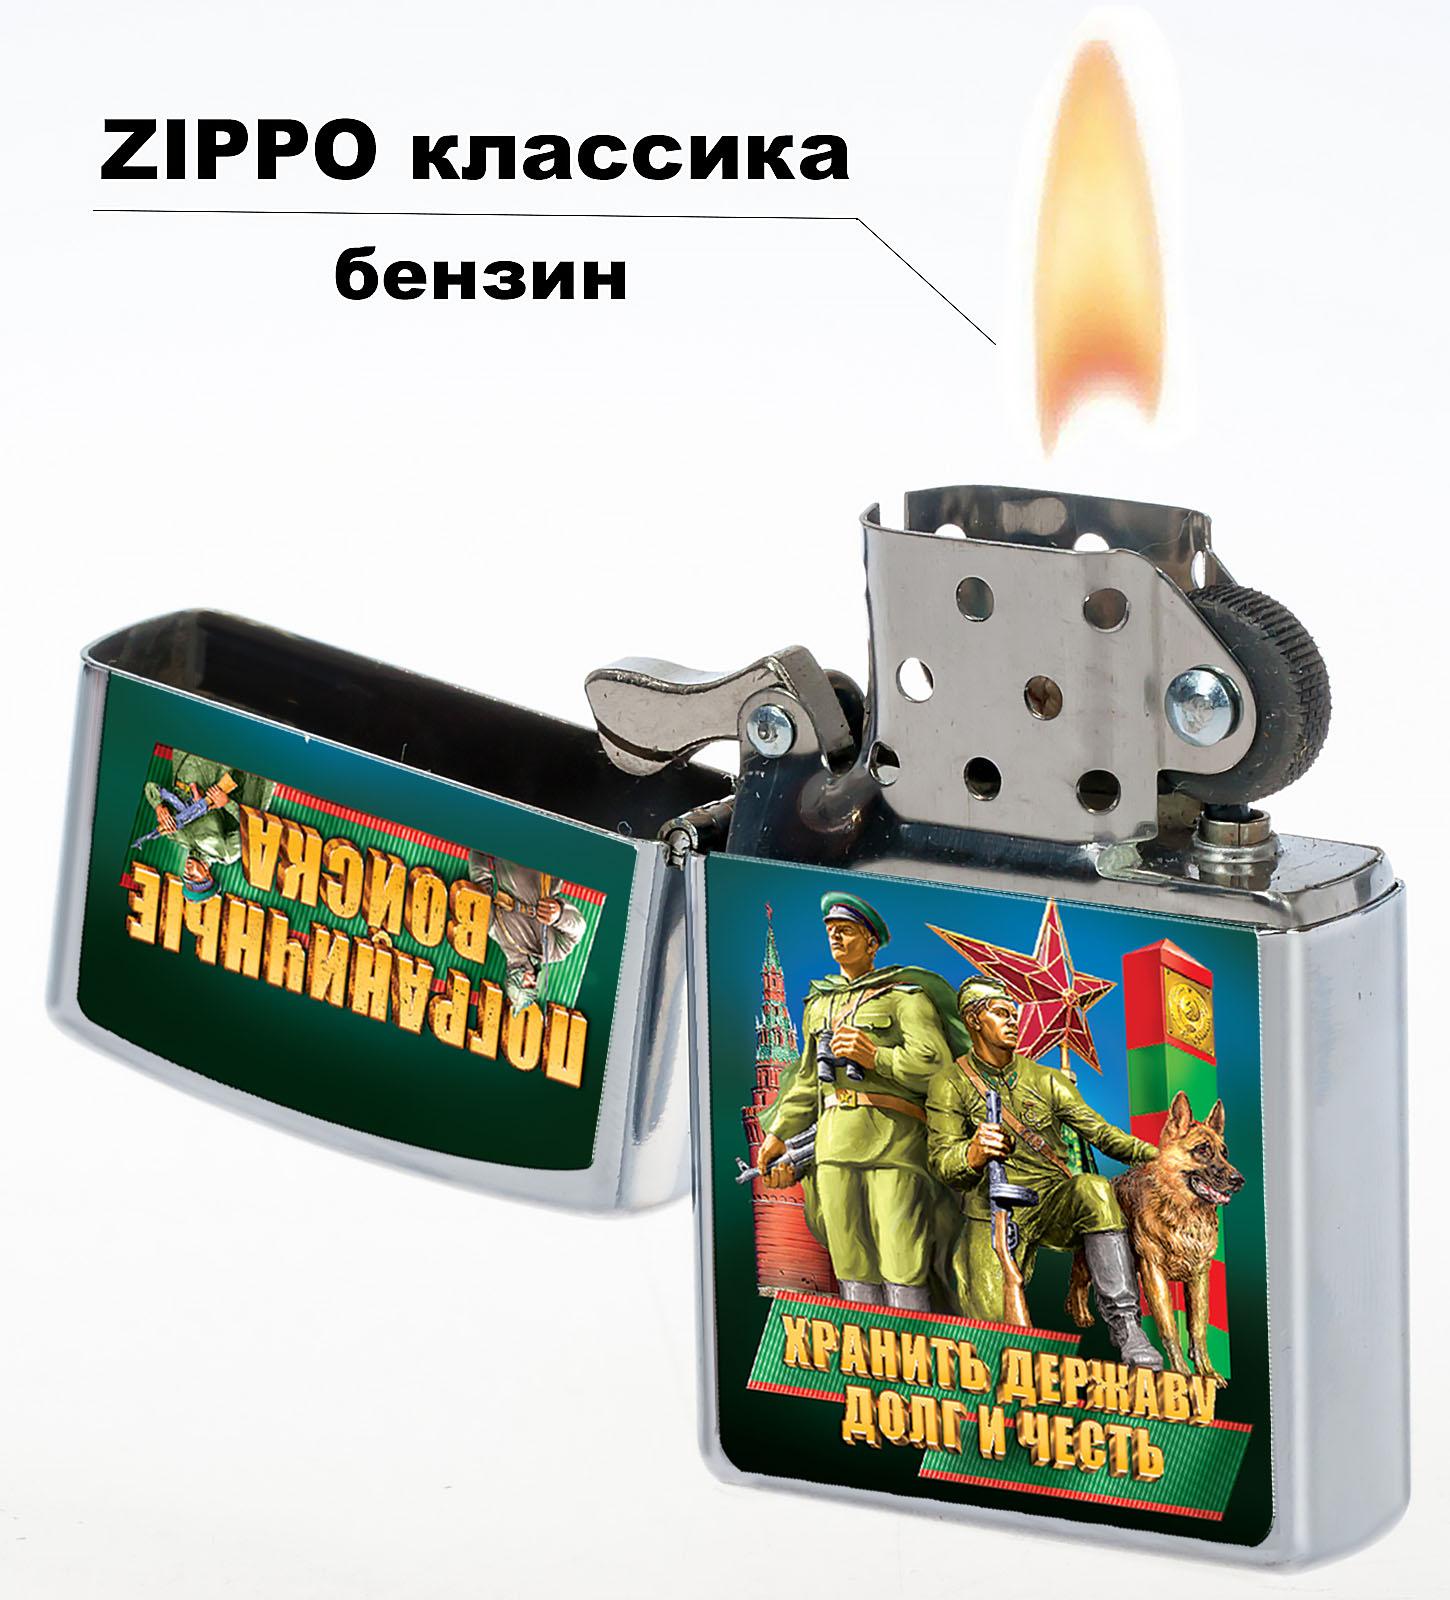 Бензиновая зажигалка в подарок пограничнику с удобной доставкой